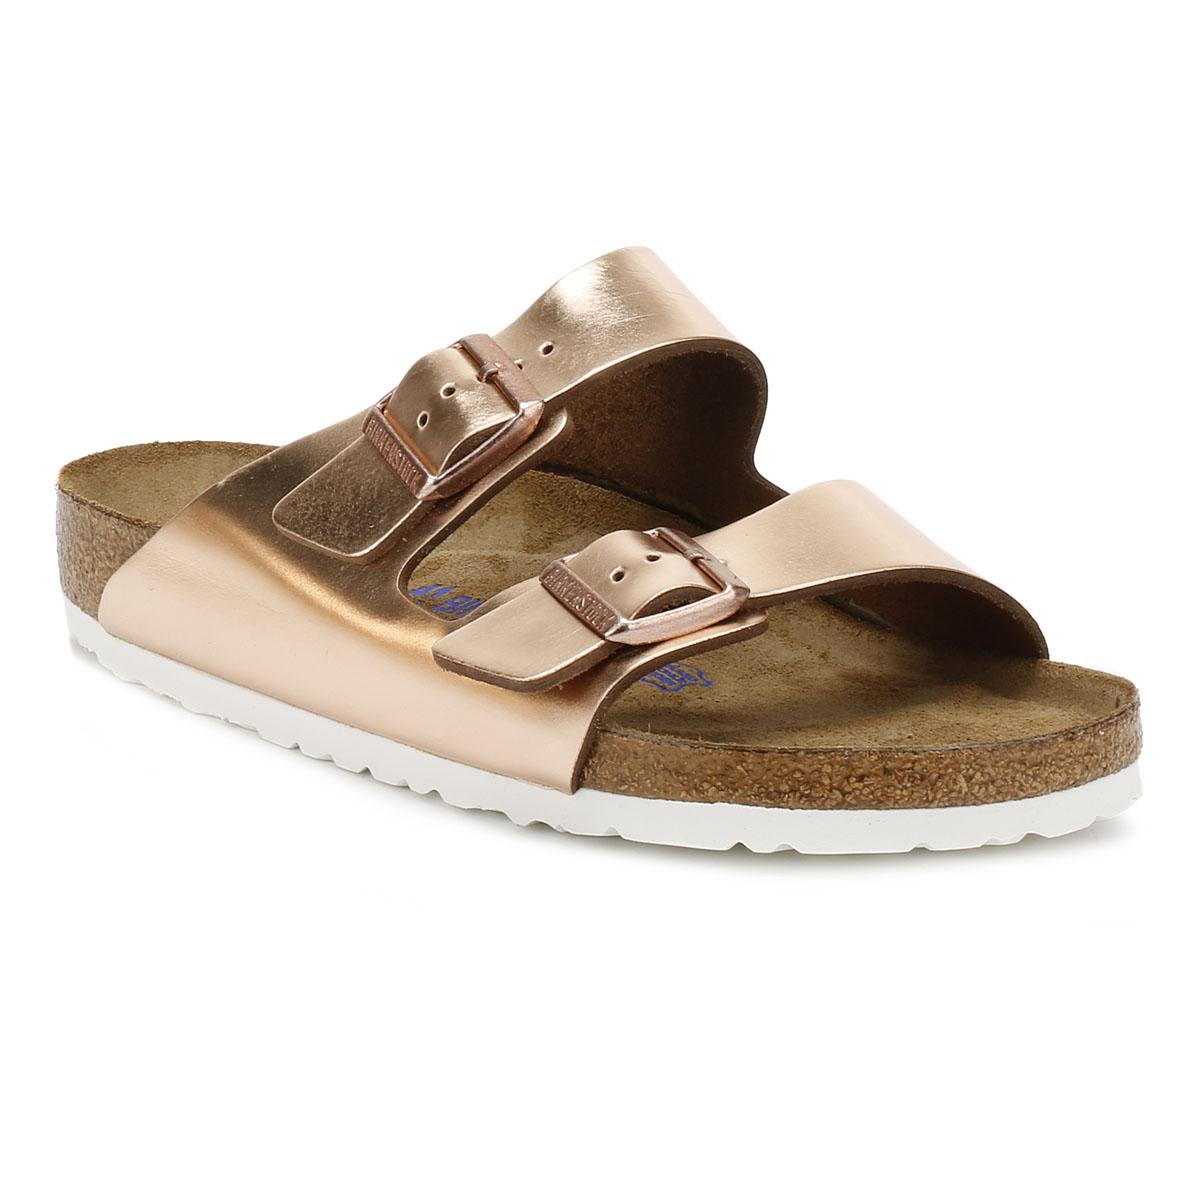 Birkenstock Womens Sandals Arizona Metallic Copper Brown ...